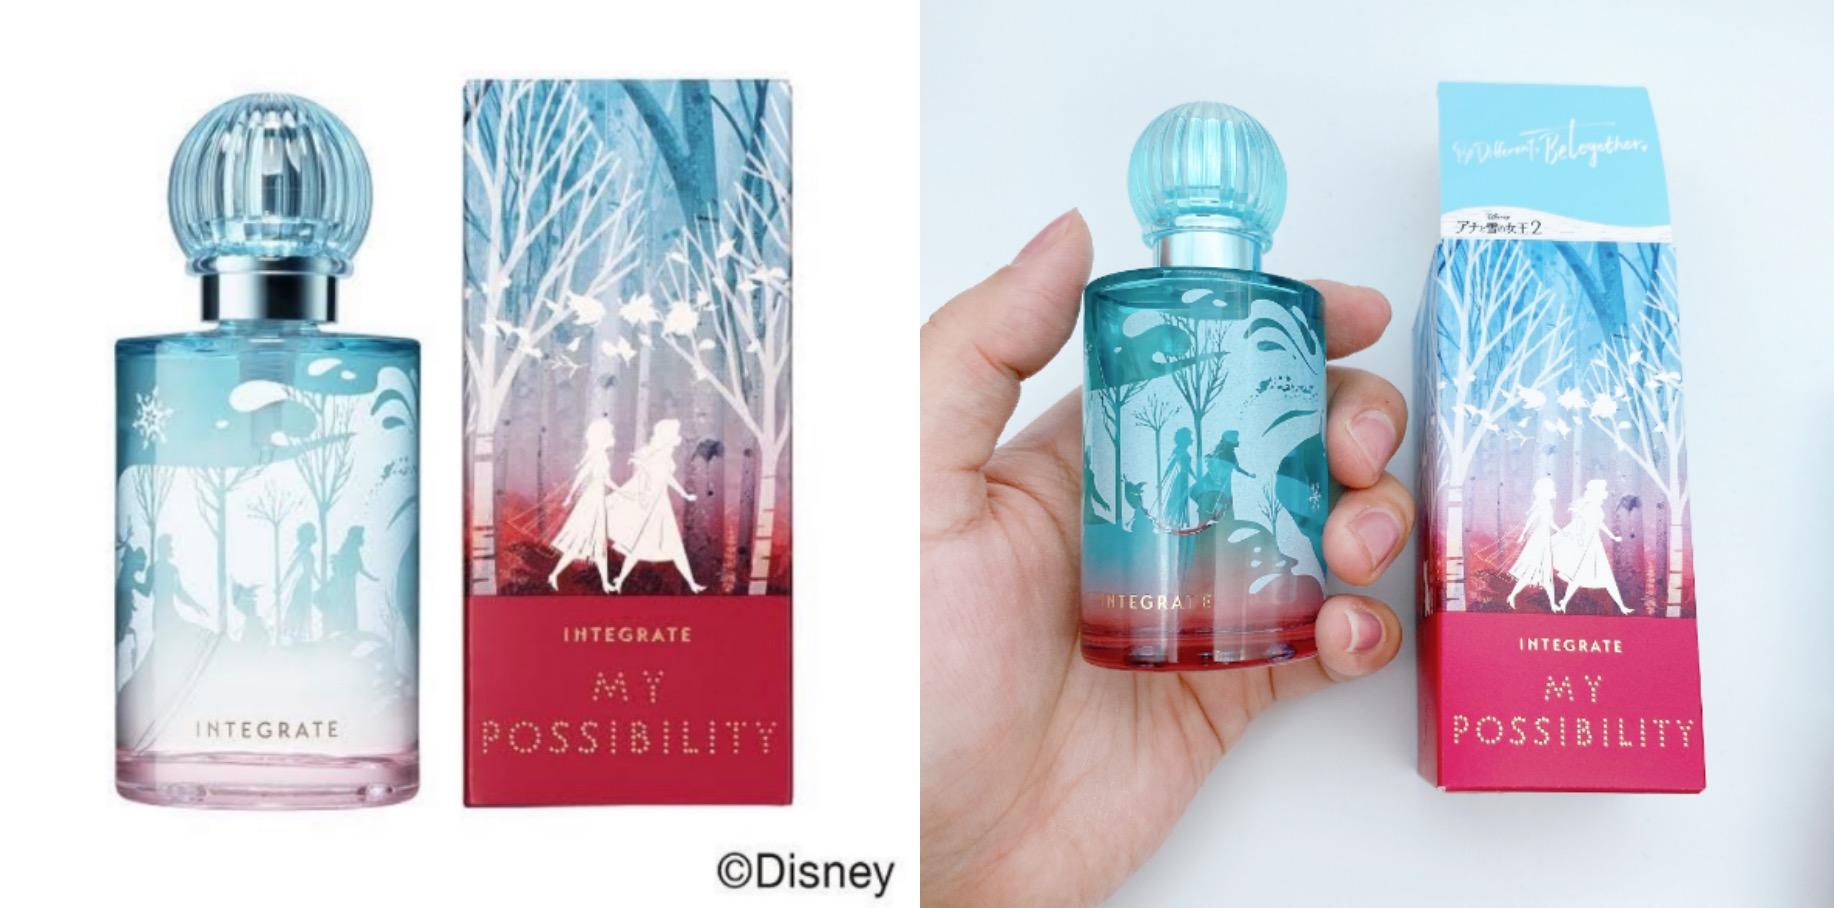 溫潤木質香調X絕美晶透瓶身,屬於大人女孩的魔法香氛。 意外地很好聞耶,雖是開架價格但完全不會馬虎的味道。